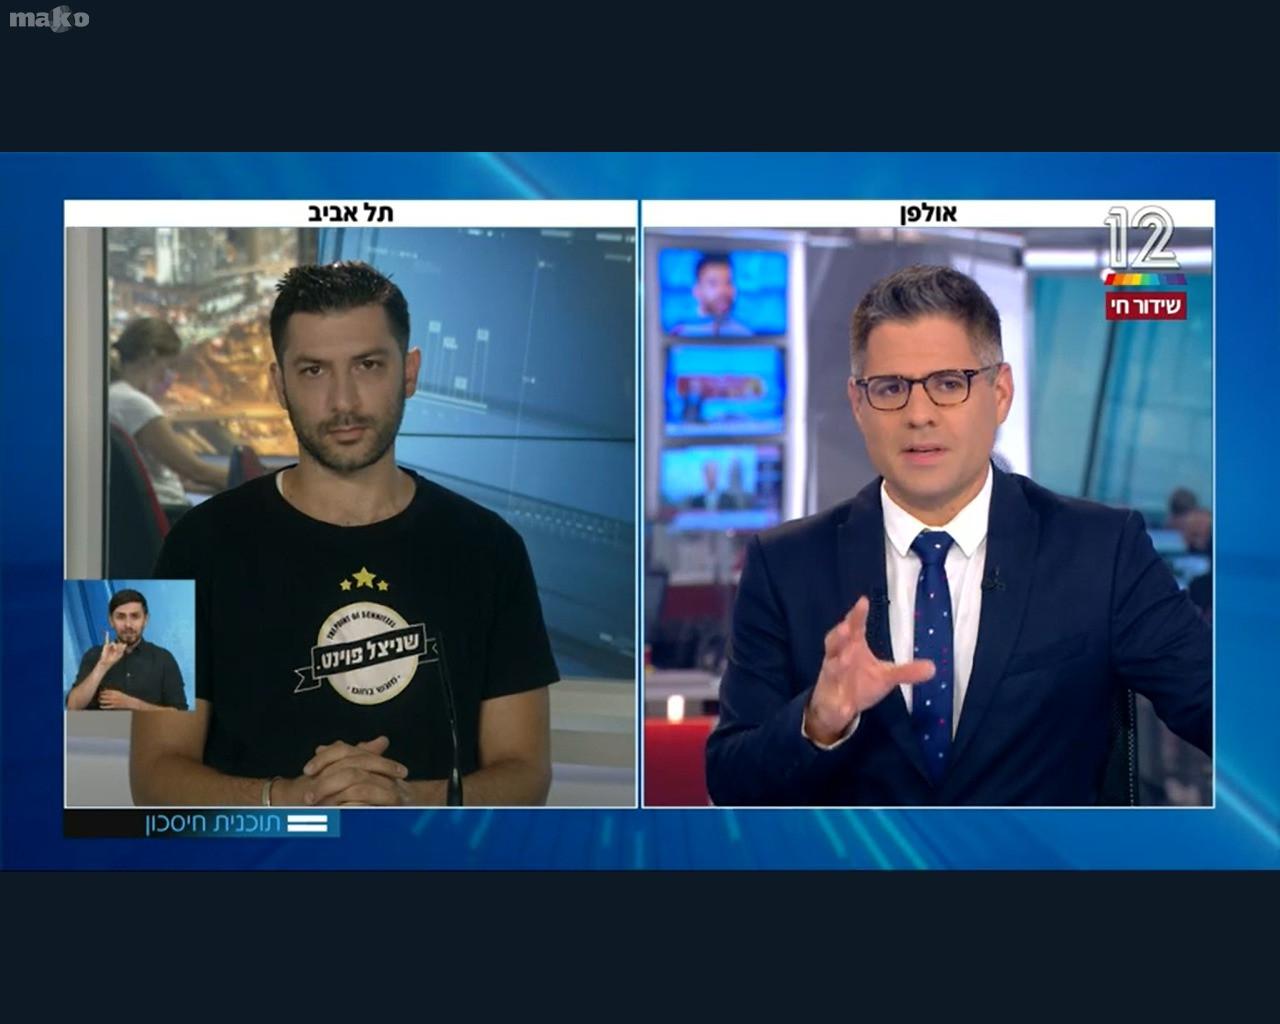 תרגום מהדורת חדשות ערוץ 12